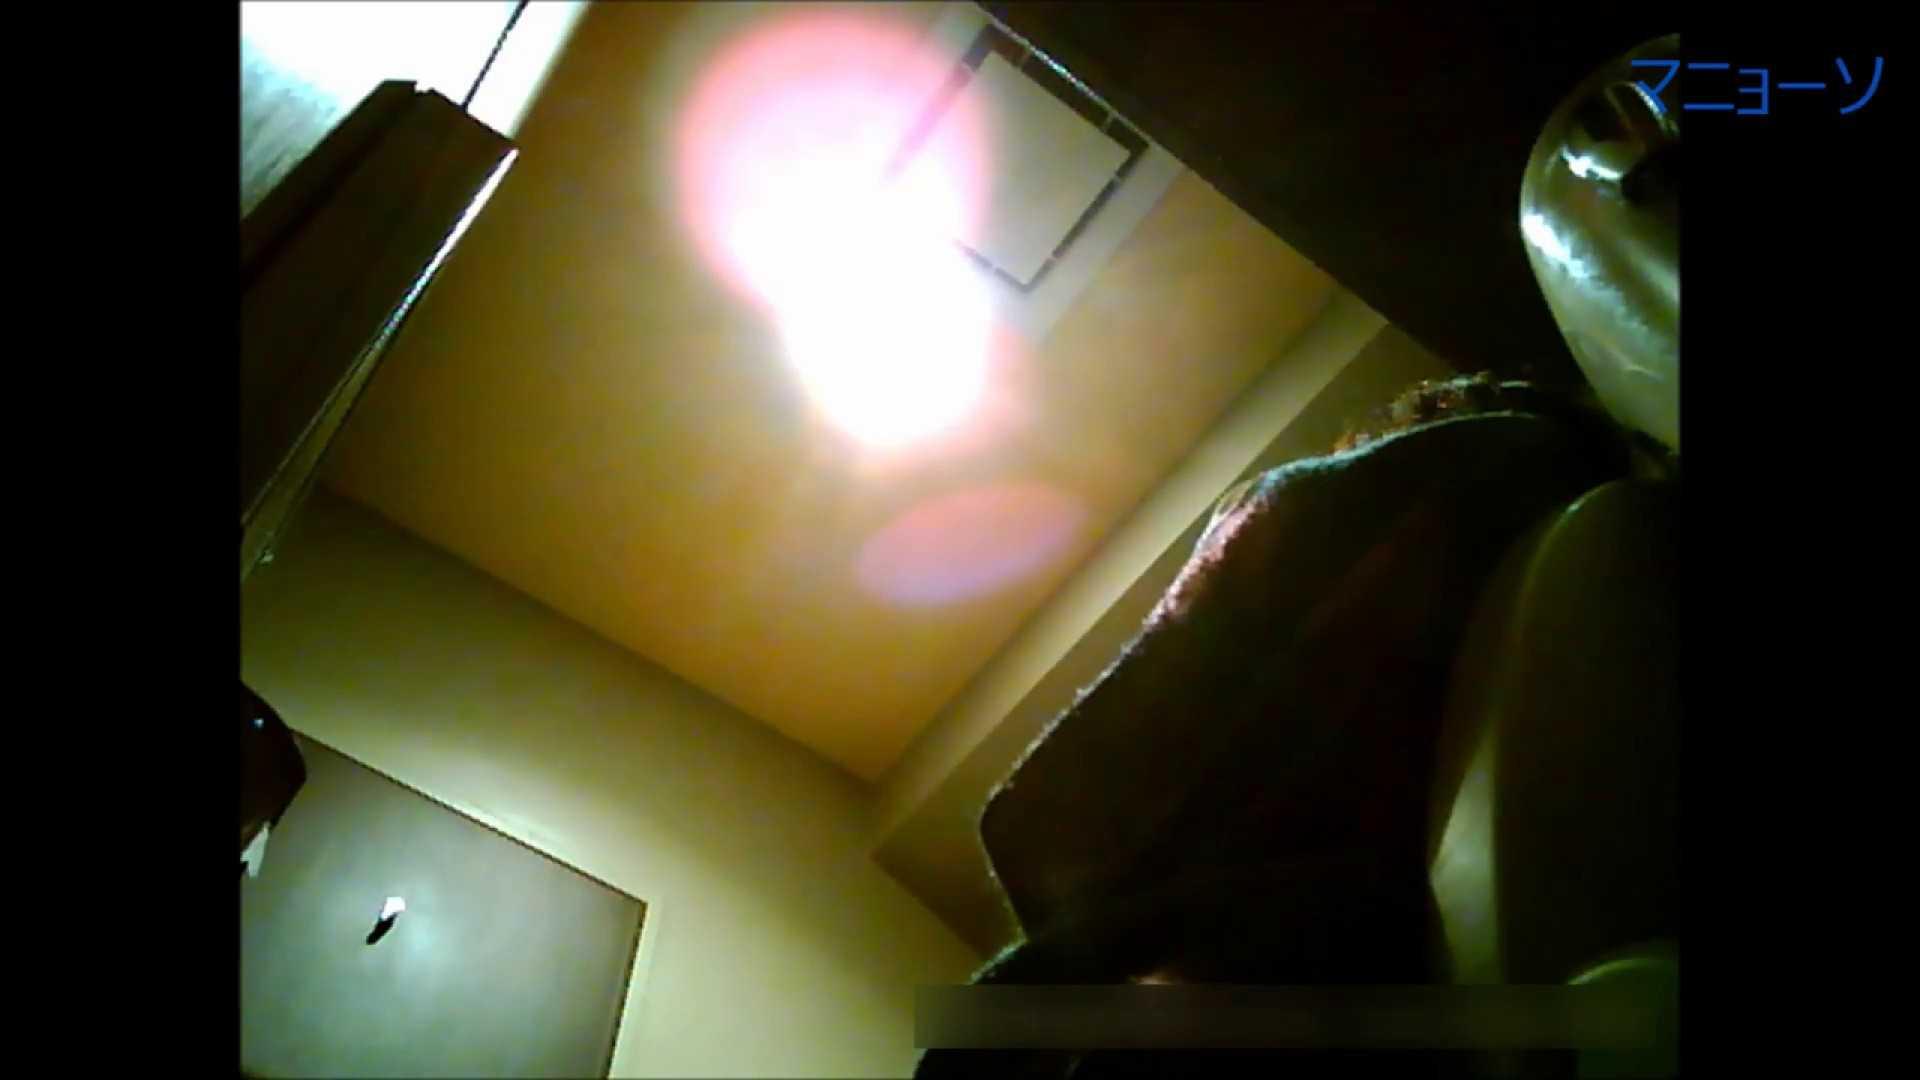 トイレでひと肌脱いでもらいました (JD編)Vol.02 トイレ中の女子達  106連発 56